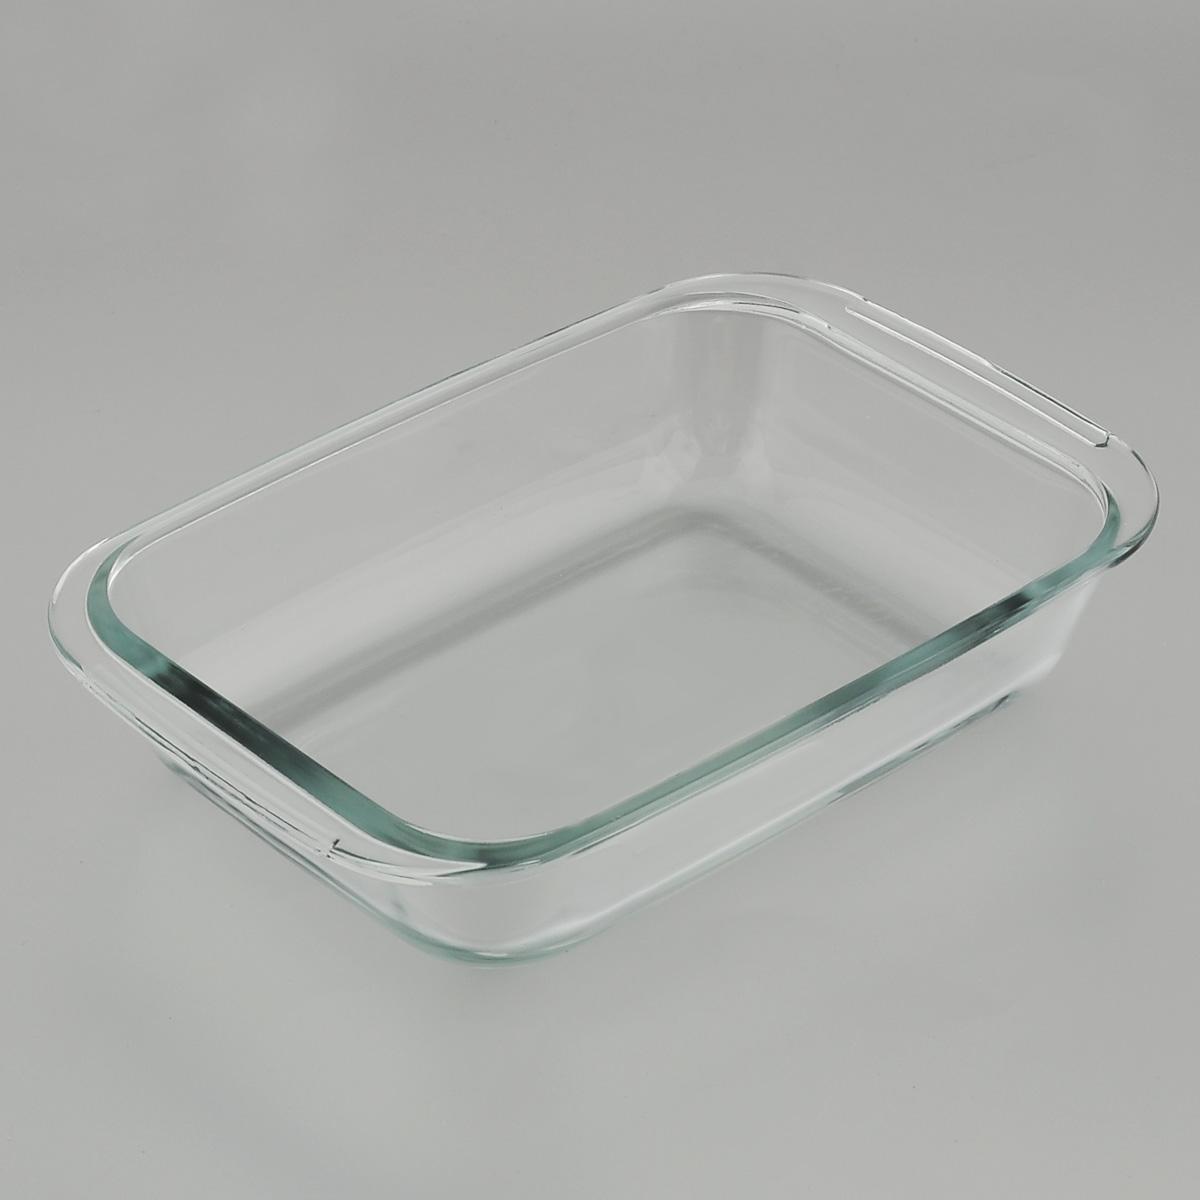 Форма для запекания Mijotex, прямоугольная, 23 х 15 смPL7Прямоугольная форма для запекания Mijotex изготовлена из жаропрочного стекла, которое выдерживает температуру до +450°С. Форма предназначена для приготовления горячих блюд. Оснащена двумя ручками. Материал изделия гигиеничен, прост в уходе и обладает высокой степенью прочности. Форма идеально подходит для использования в духовках, микроволновых печах, холодильниках и морозильных камерах. Также ее можно использовать на газовых плитах (на слабом огне) и на электроплитах. Можно мыть в посудомоечной машине.Внутренний размер формы: 19 см х 15 см.Внешний размер формы (с учетом ручек): 23 см х 15 см. Высота стенки формы: 5 см.